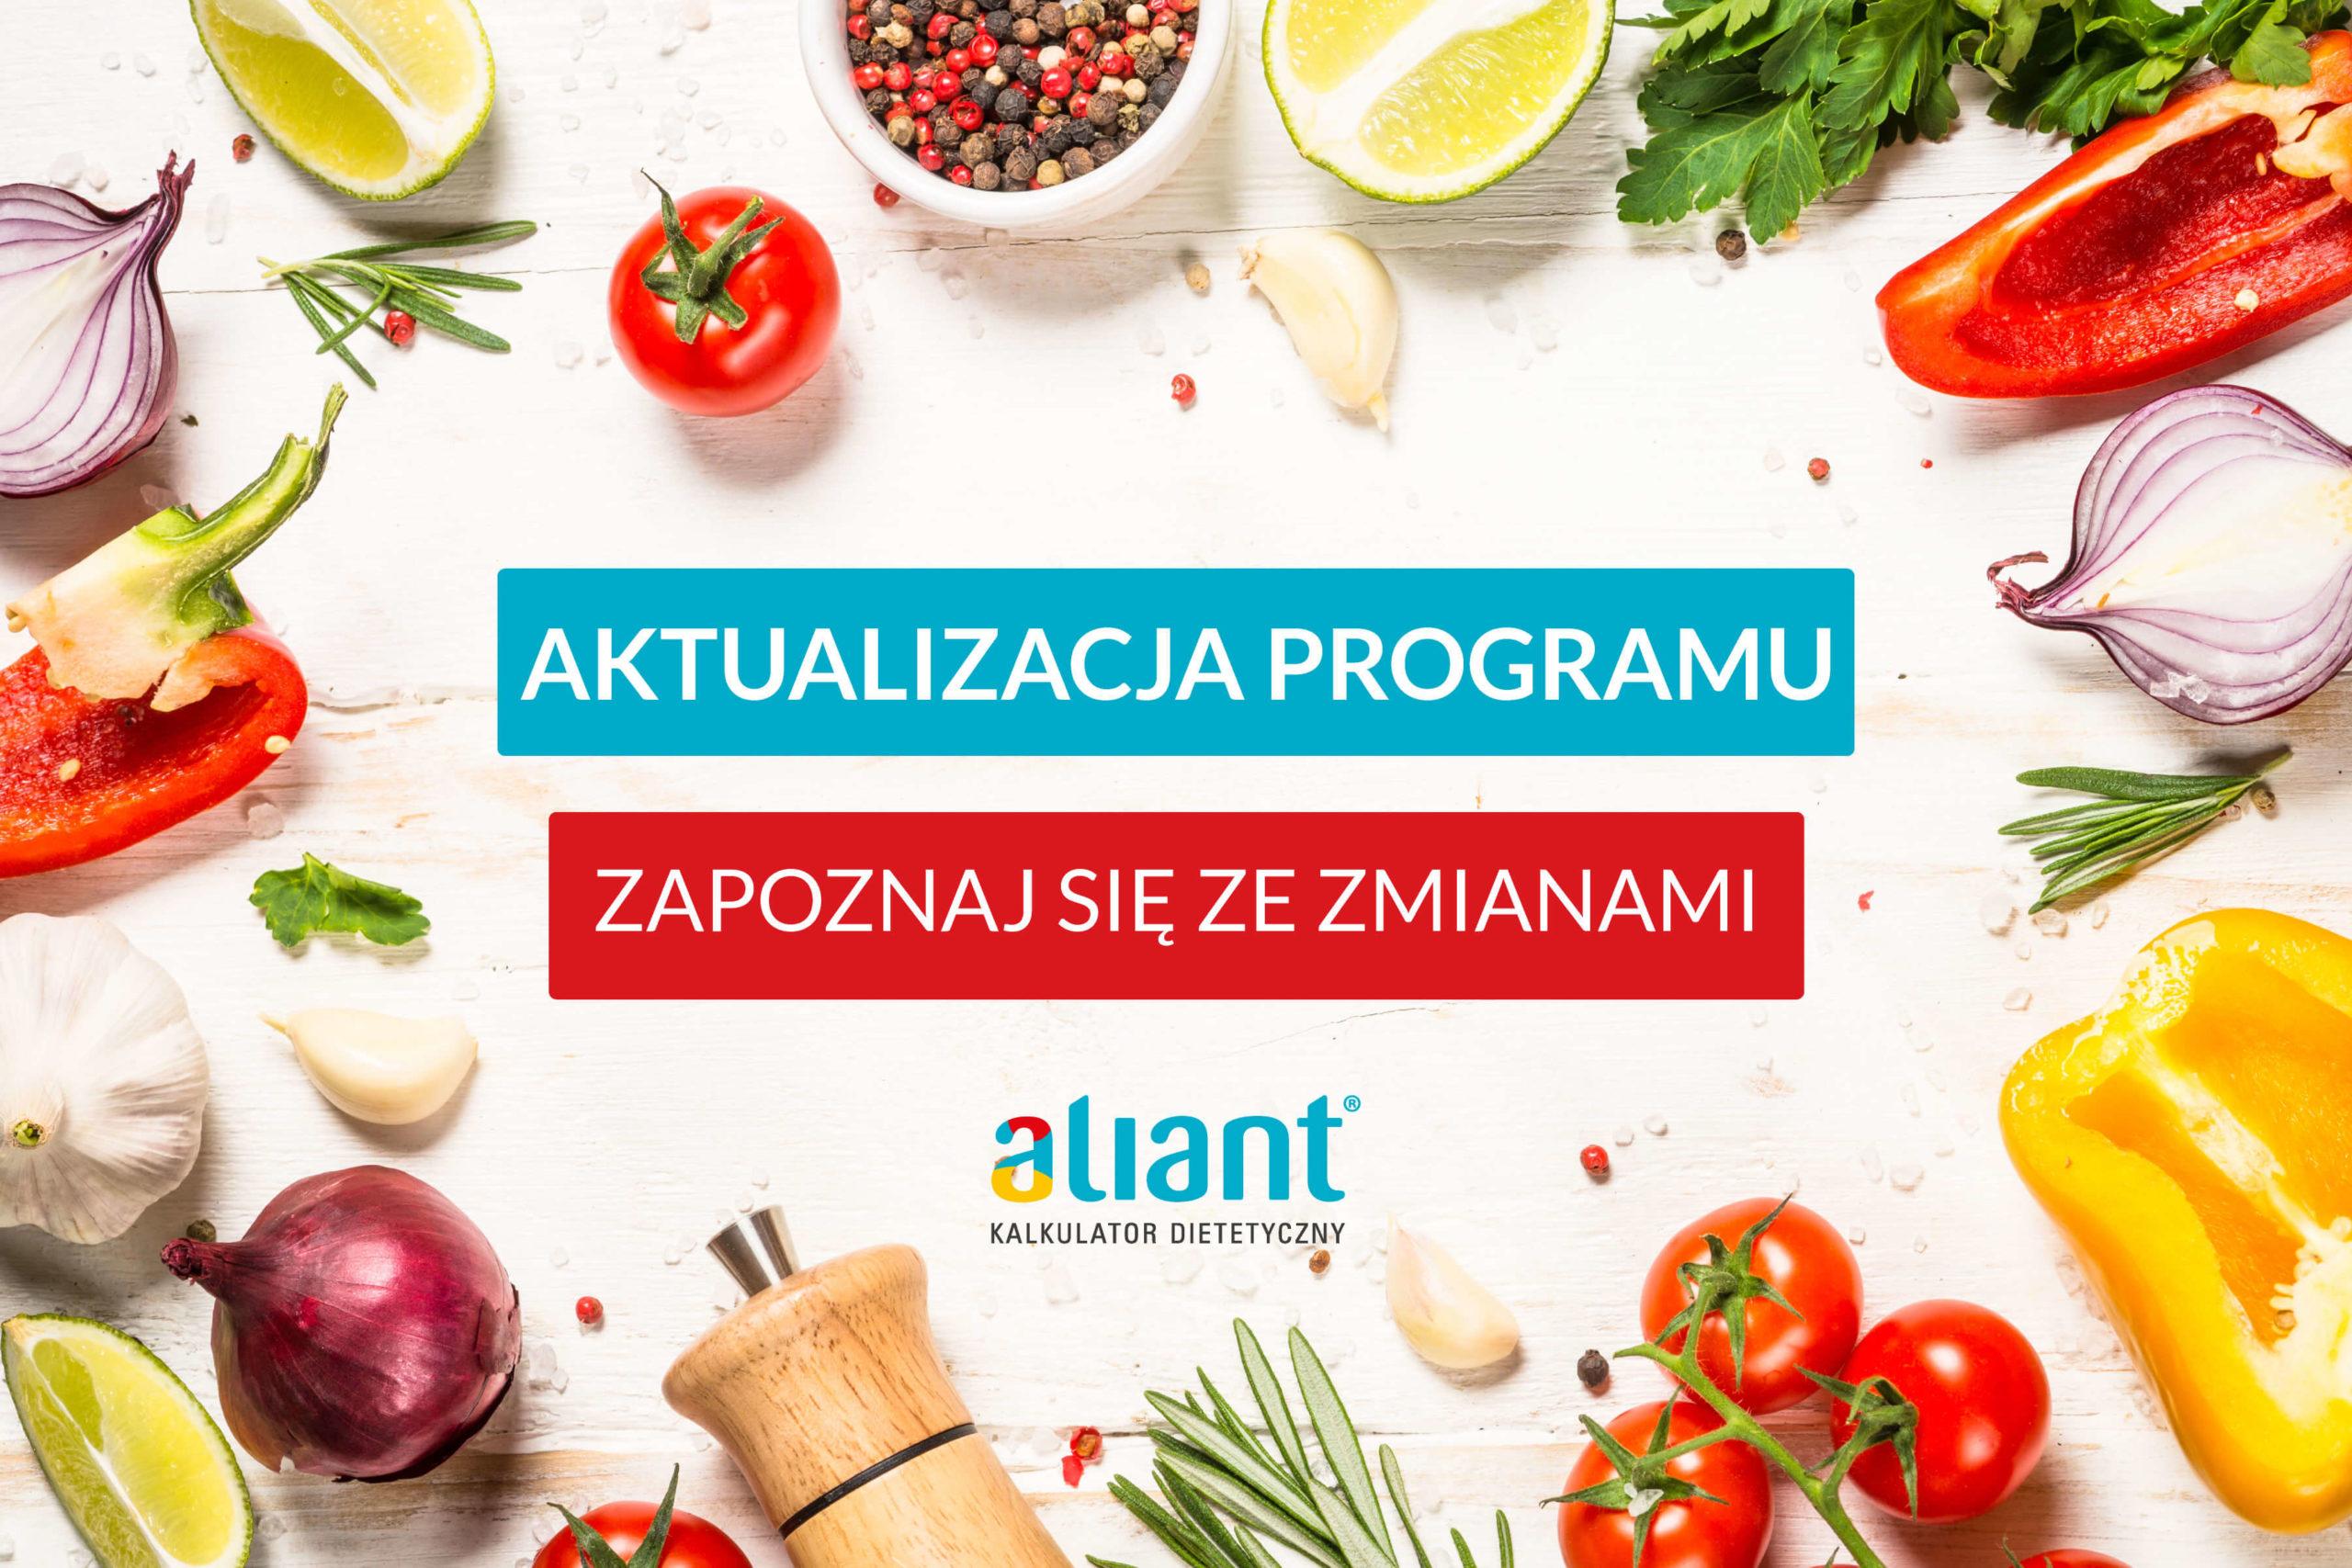 Aktualizacja programu dla dietetyków Aliant – 09.06.2021